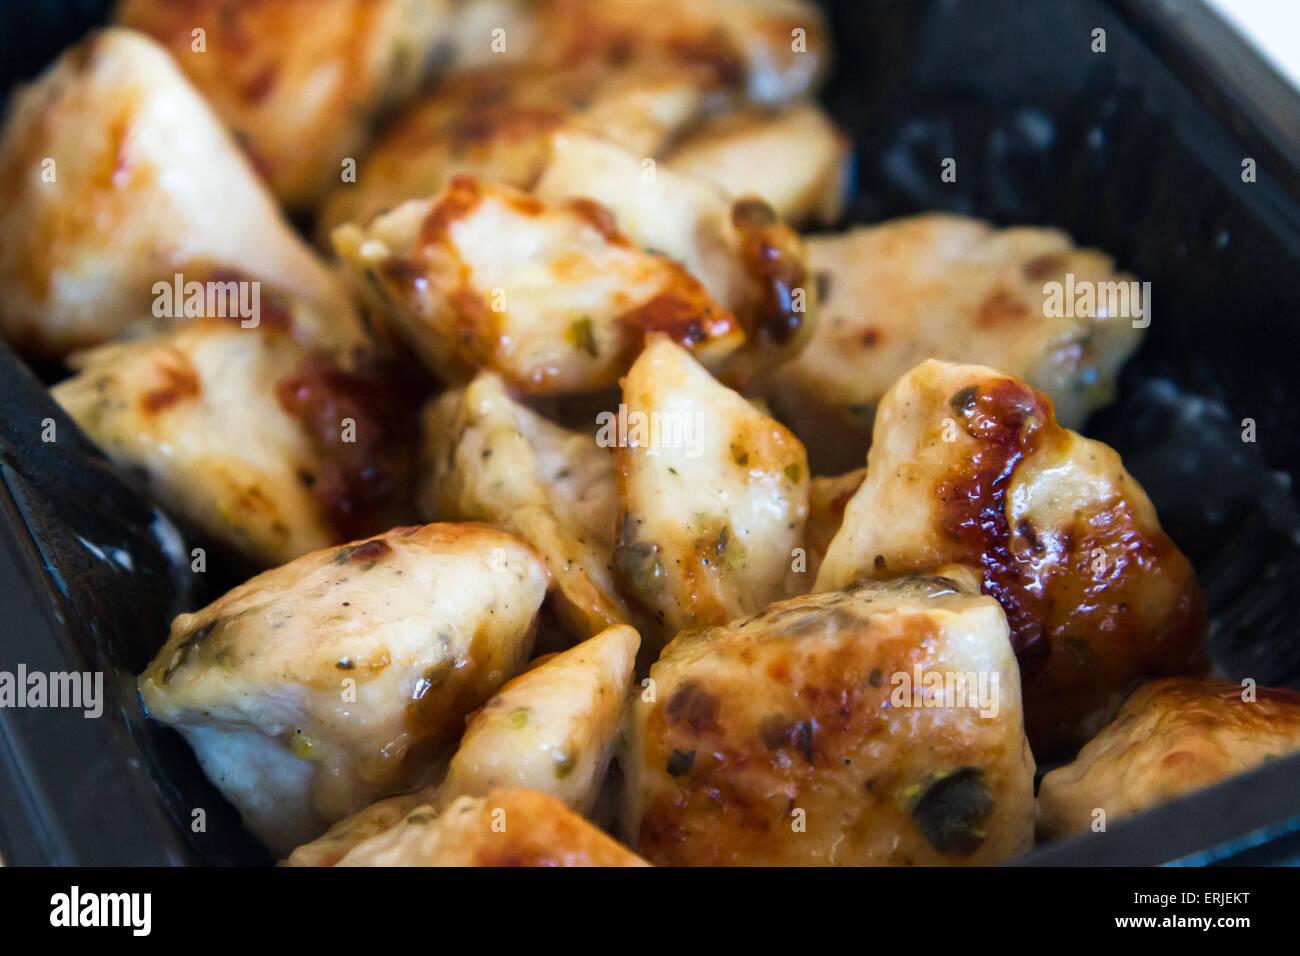 Alas de pollo frito con salsa. Imagen De Stock